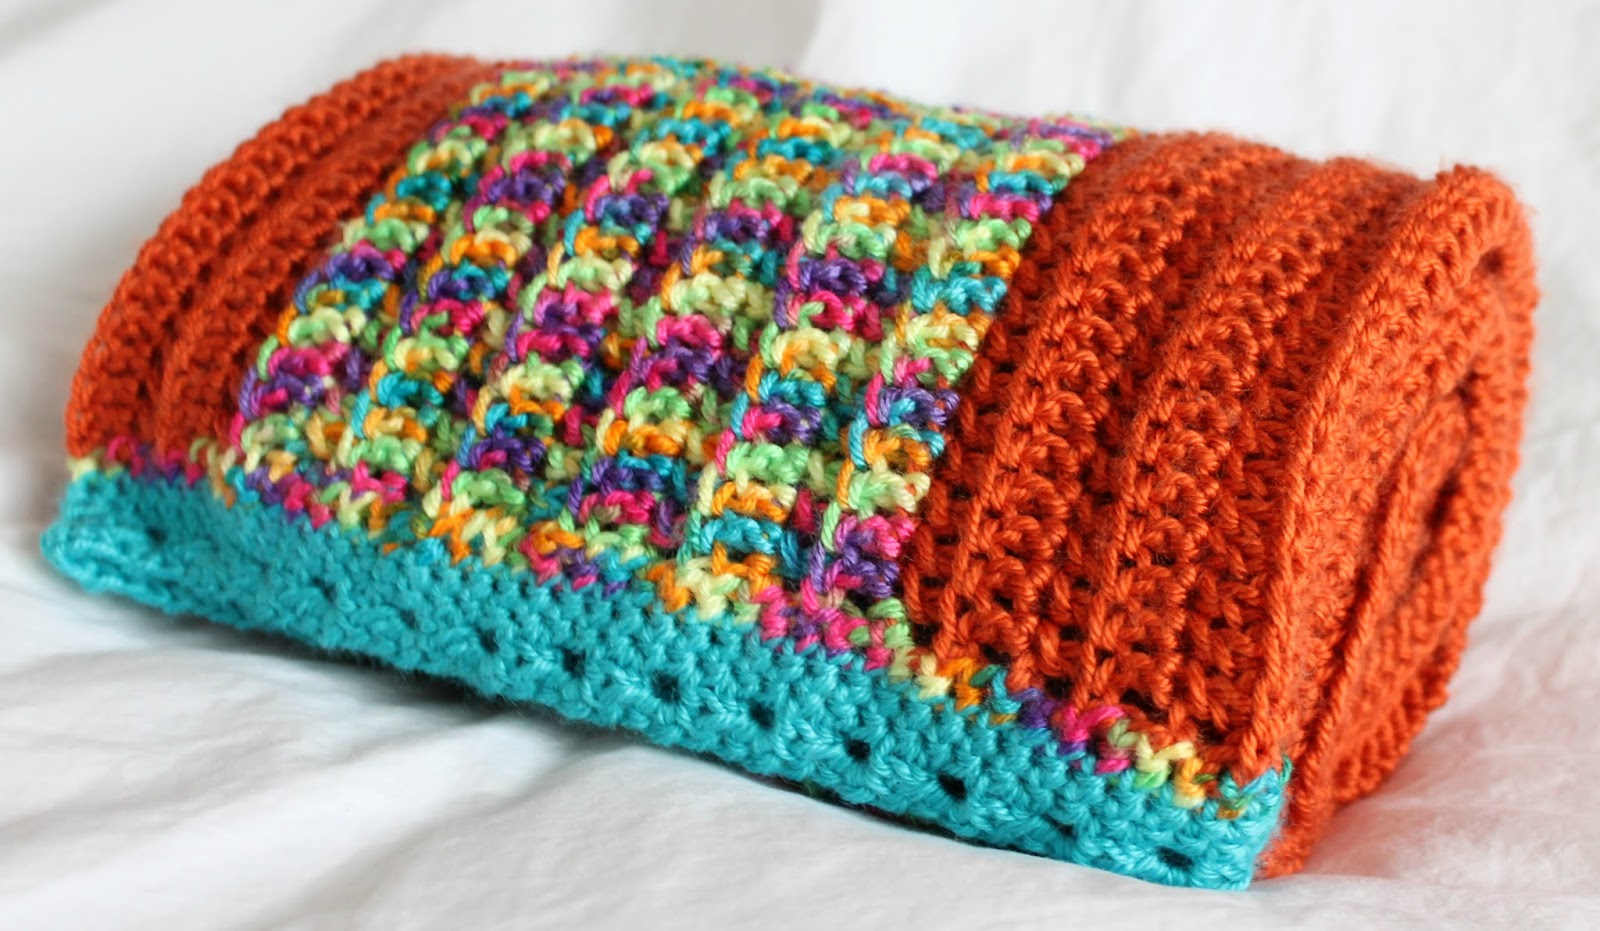 easy crochet projects, Crochet Projects, Joyful Homemaking